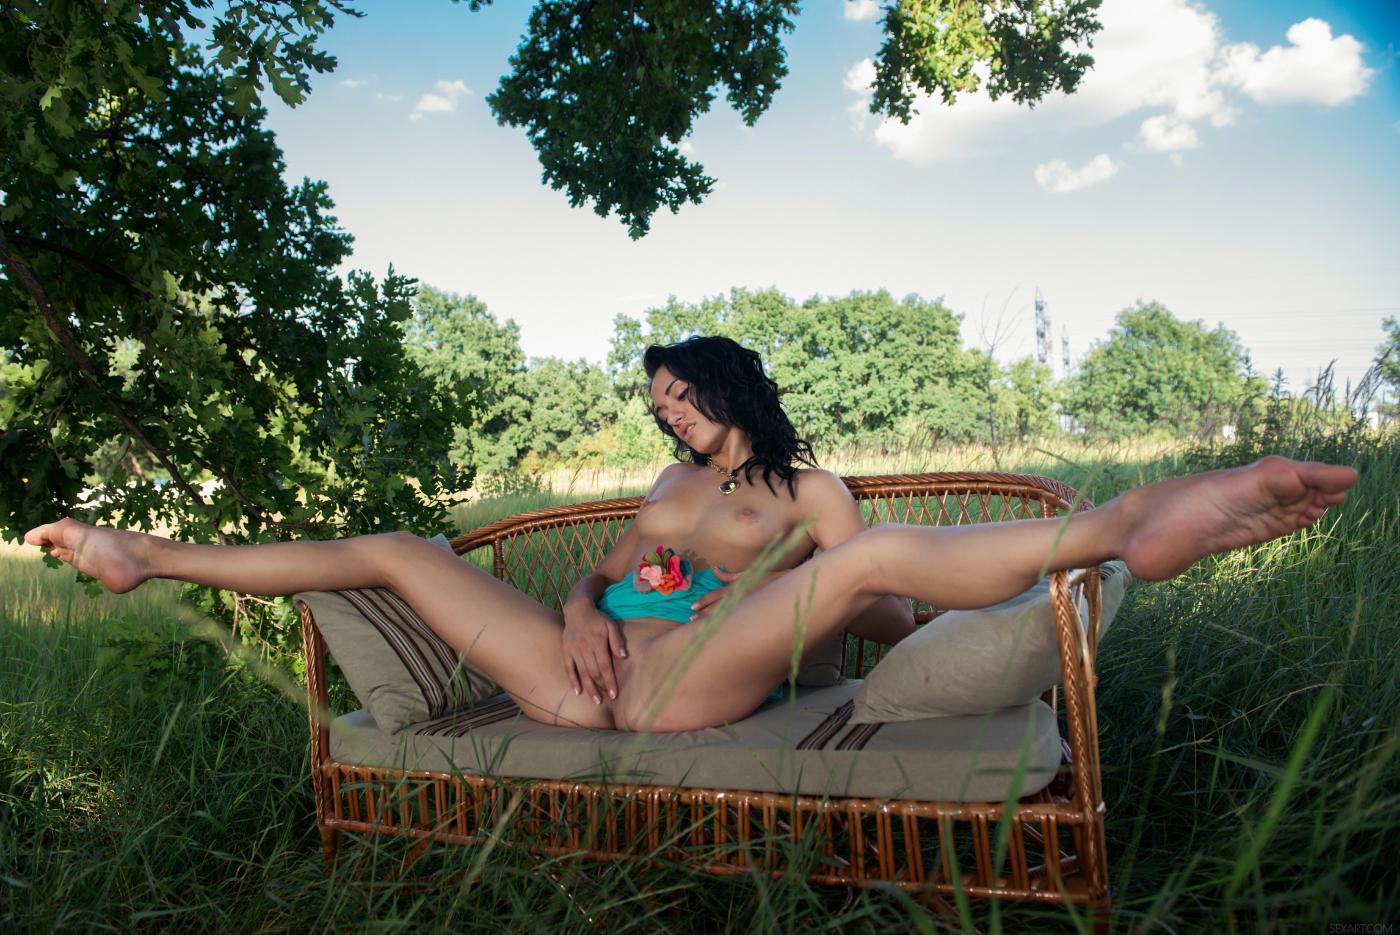 Сочная брюнетка-подросток Aprilia B на зеленом поле, развлекается с выразительной мандой